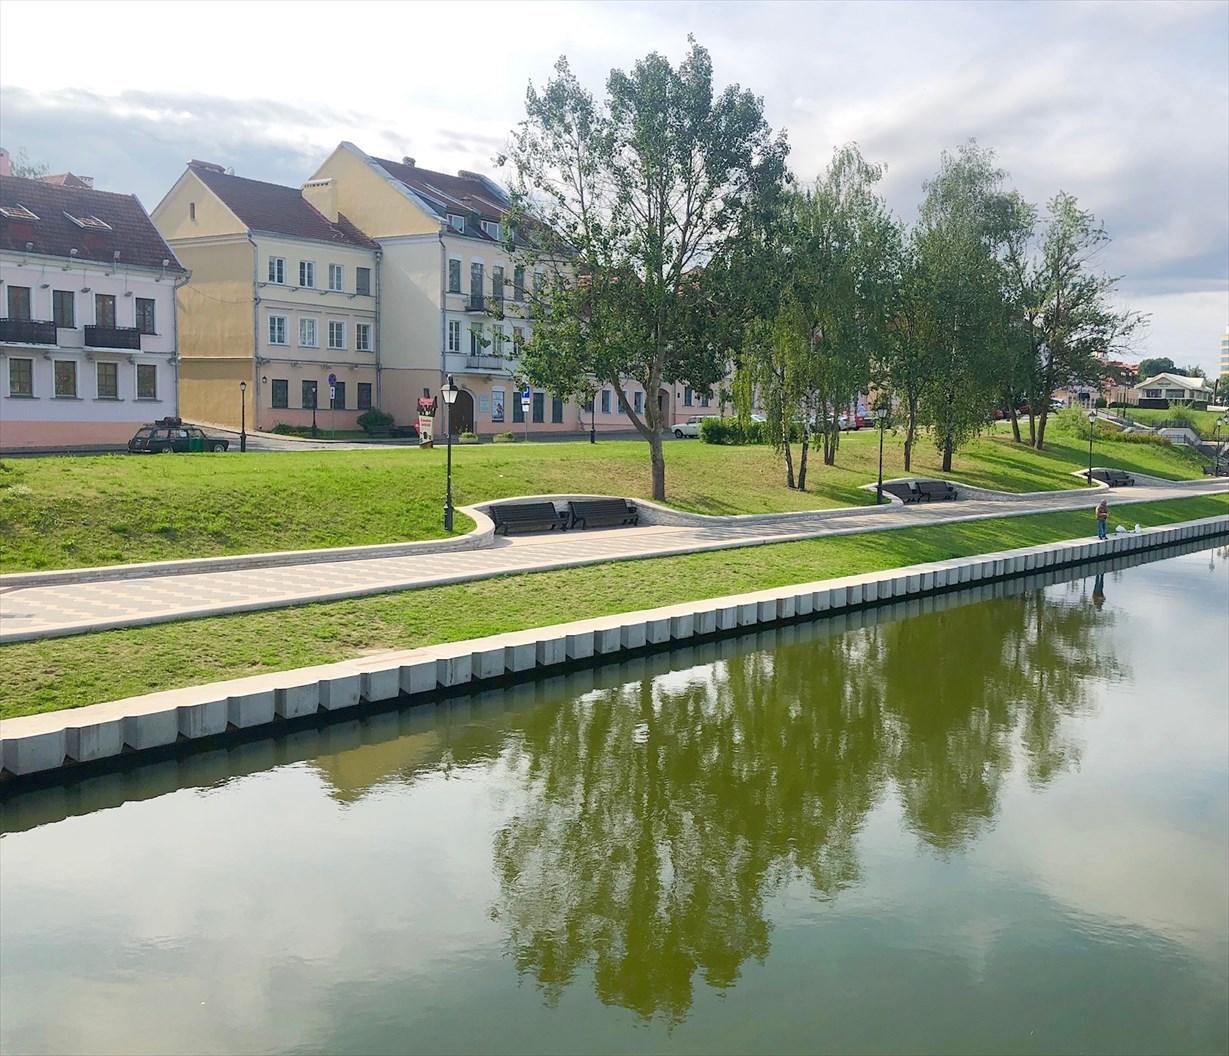 涙の島とトラエツカヤ旧市街地@ミンスク/ベラルーシ_a0092659_18394043.jpg